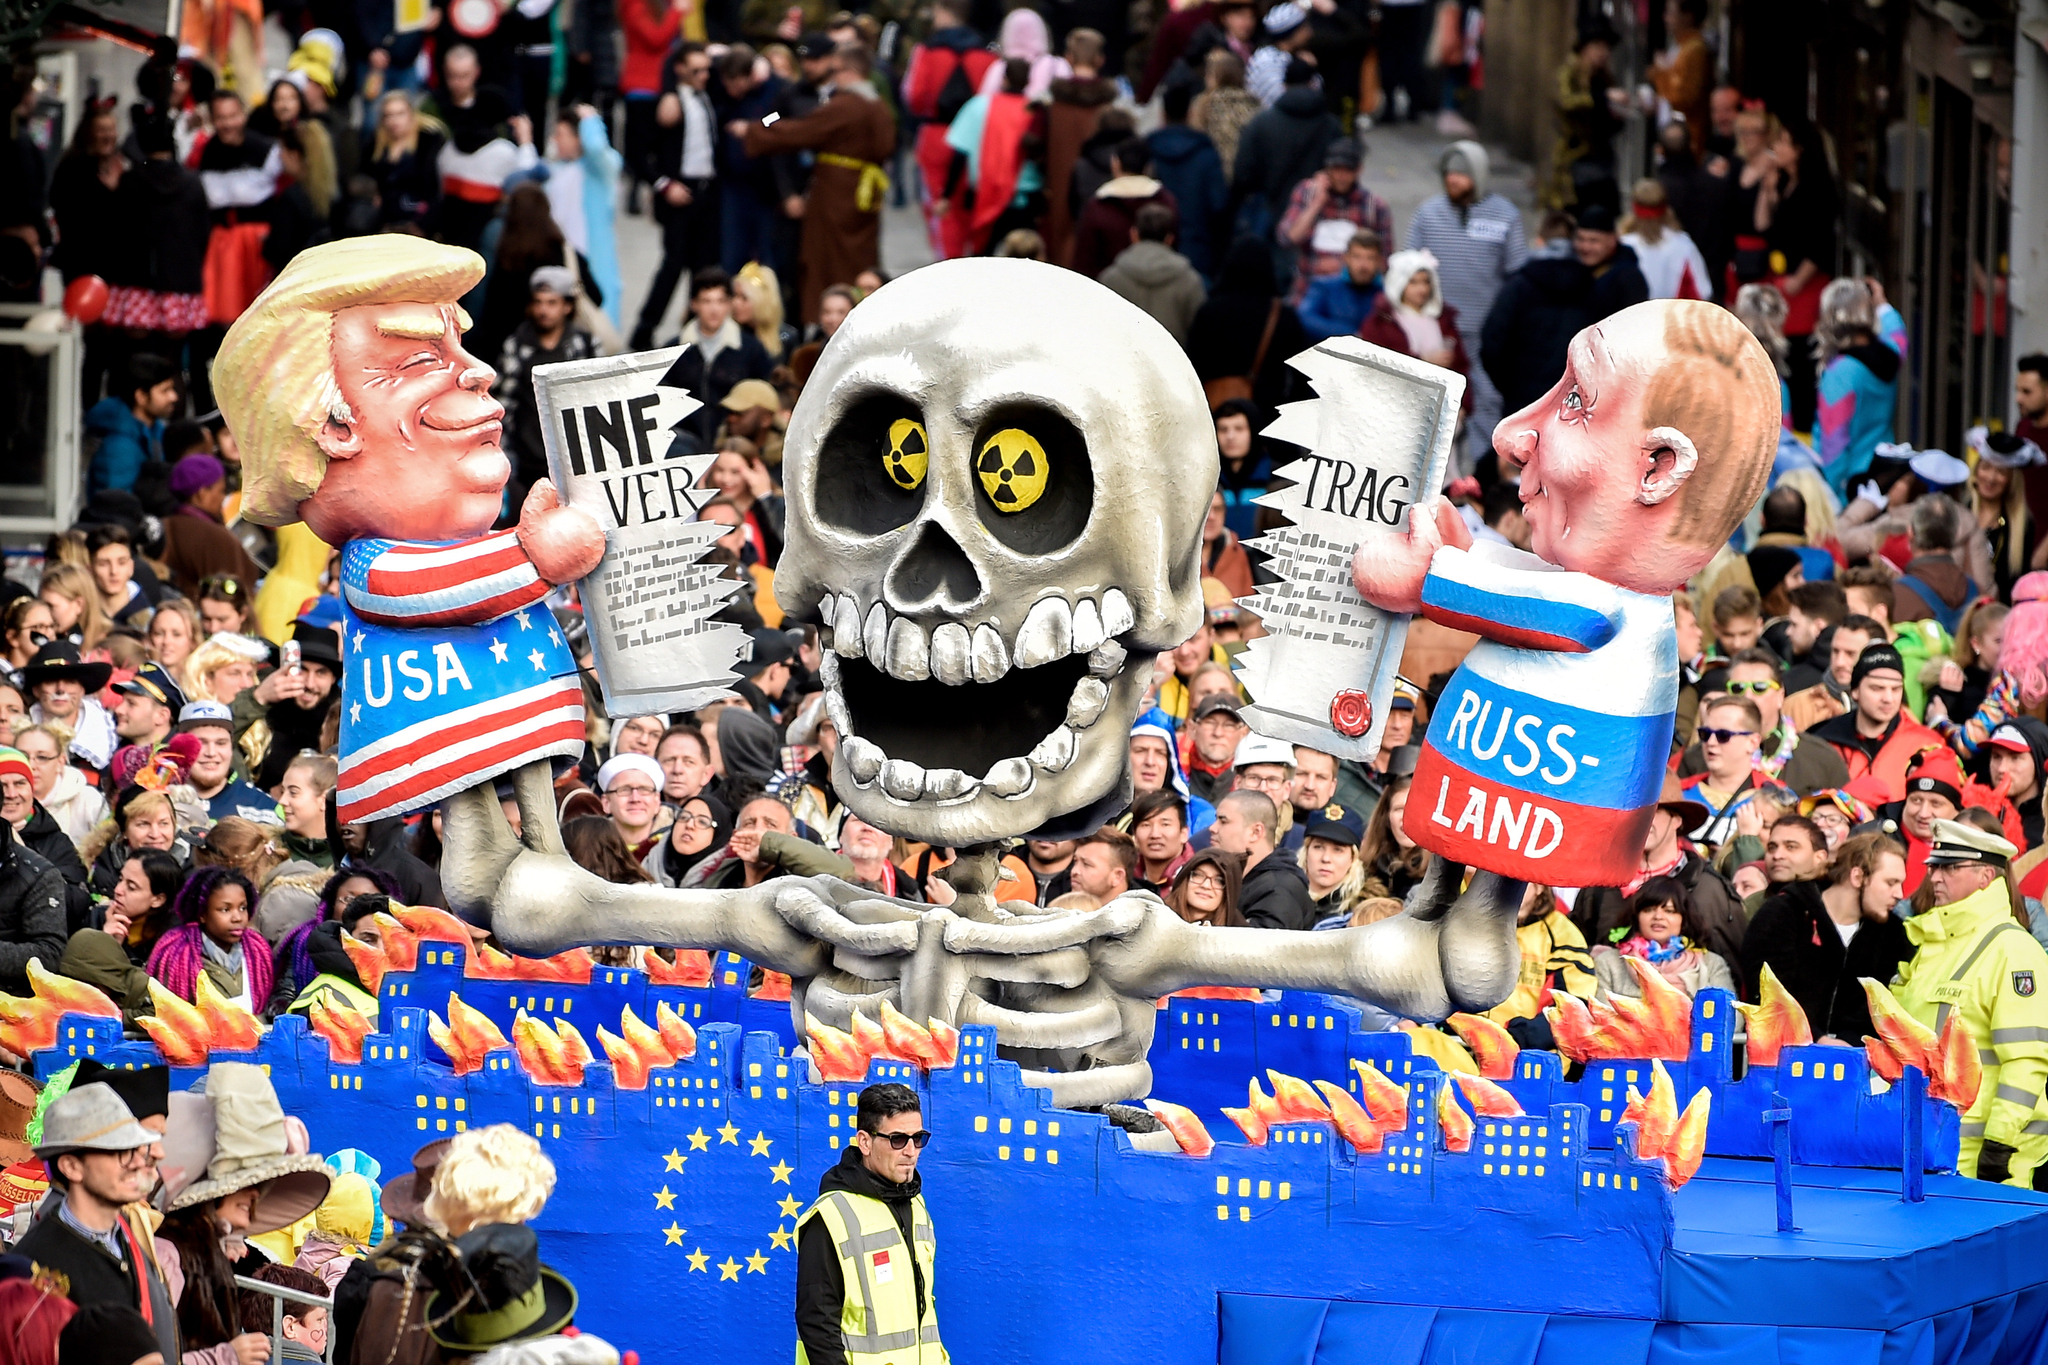 4일 독일 뒤셀도르프에서 개막한 로즈먼데이 카니발에 등장한 트럼프 미국 대통령과 푸틴 러시아 대통령의 조형물. 불타고 있는 유럽 도시들 위로 트럼프 대통령과 푸틴 대통령이 중거리핵전력(INF) 조약서를 찢고 있다. [EPA=연합뉴스]